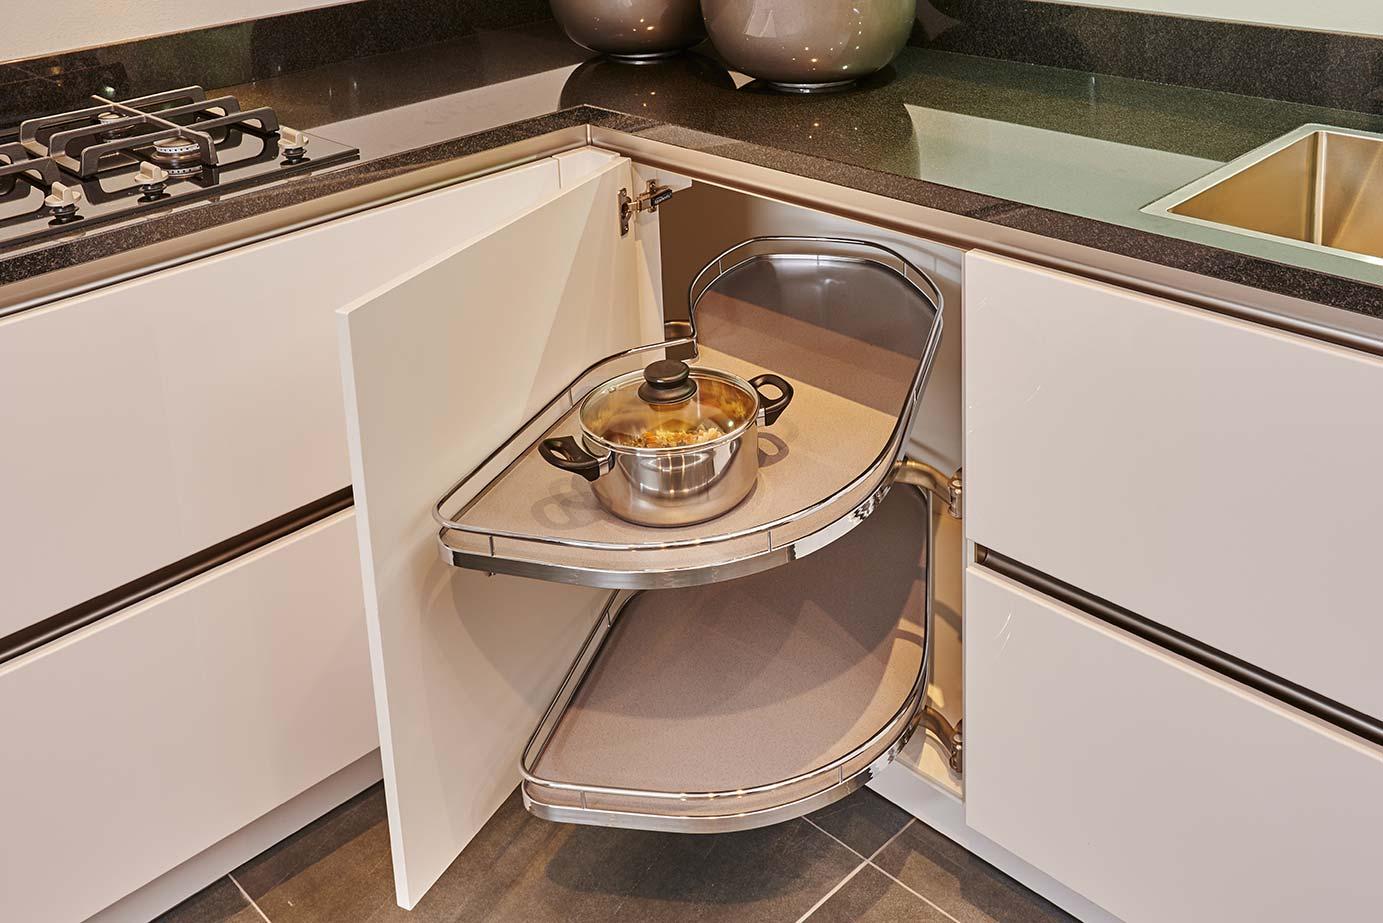 Keuken Ontwerpen Tips ~ Inspiratie Het beste interieur